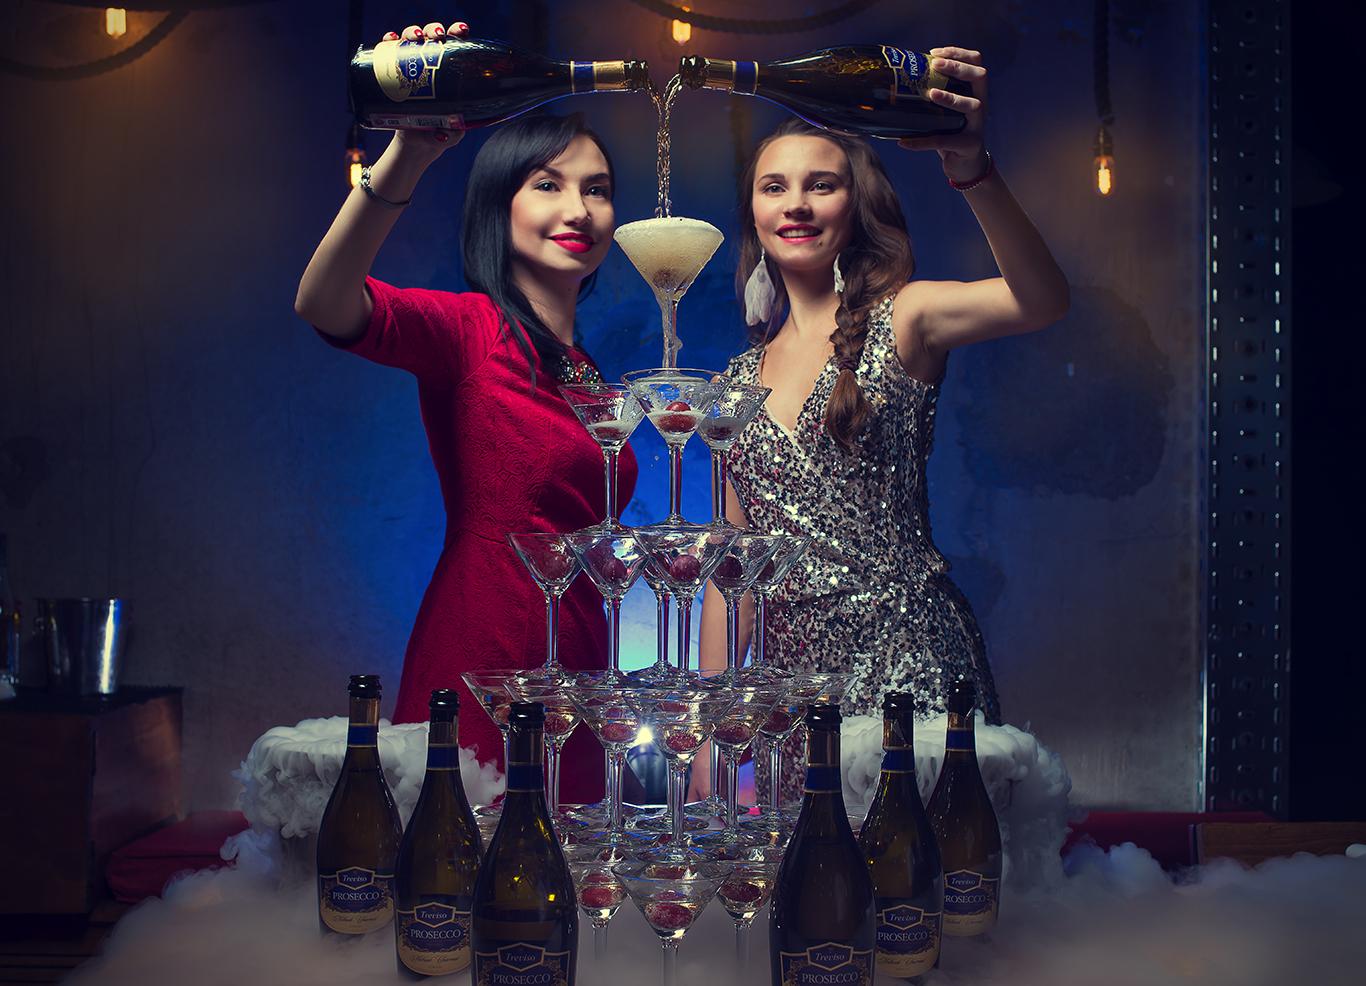 <p>Горка шампанского. Самый праздничныйнапиток Шампанское. Самый яркийфейерверк и фонтан шампанского удивит ваших друзей. Отличный способ весело и интересно отметить корпоратив. Красочная пирамида из бокалов с праздничным украшением и вкусным дополнением в бокале. Пирамида на 56 бокала с основой в форме равнобедренный треугольник у вас в офисе, дома или на любой [&hellip;]</p>